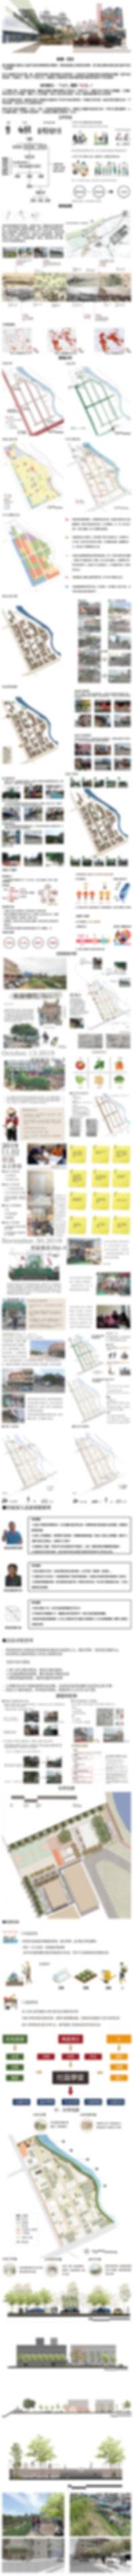 中原_19作品內文.jpg